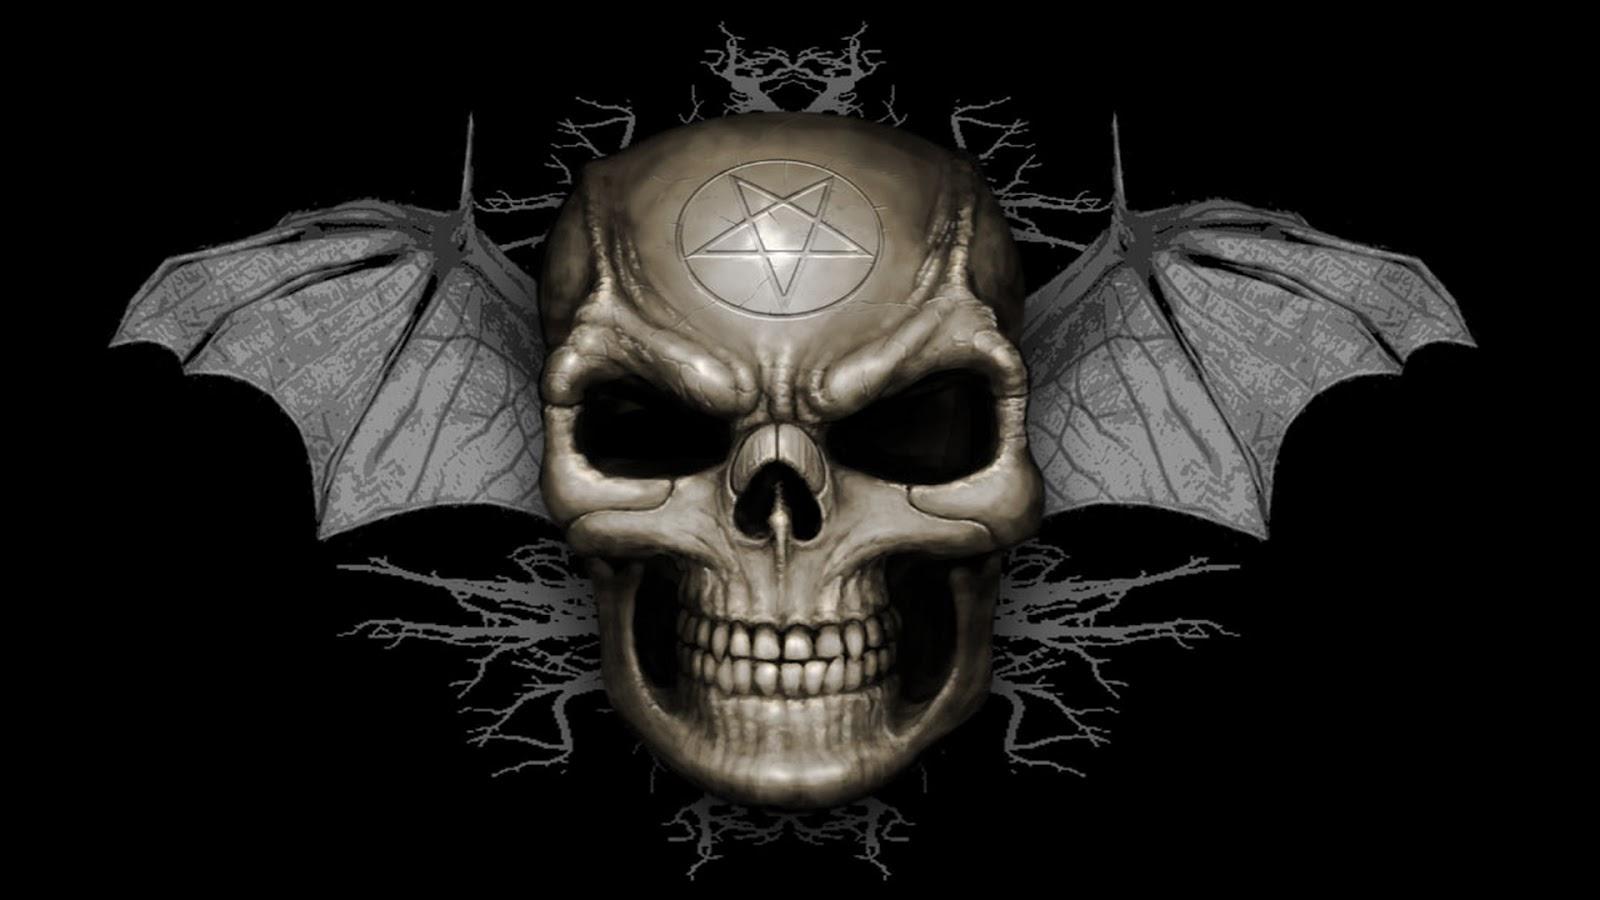 Morbid Angel Wallpaper HD Skull Wallpapers 10...